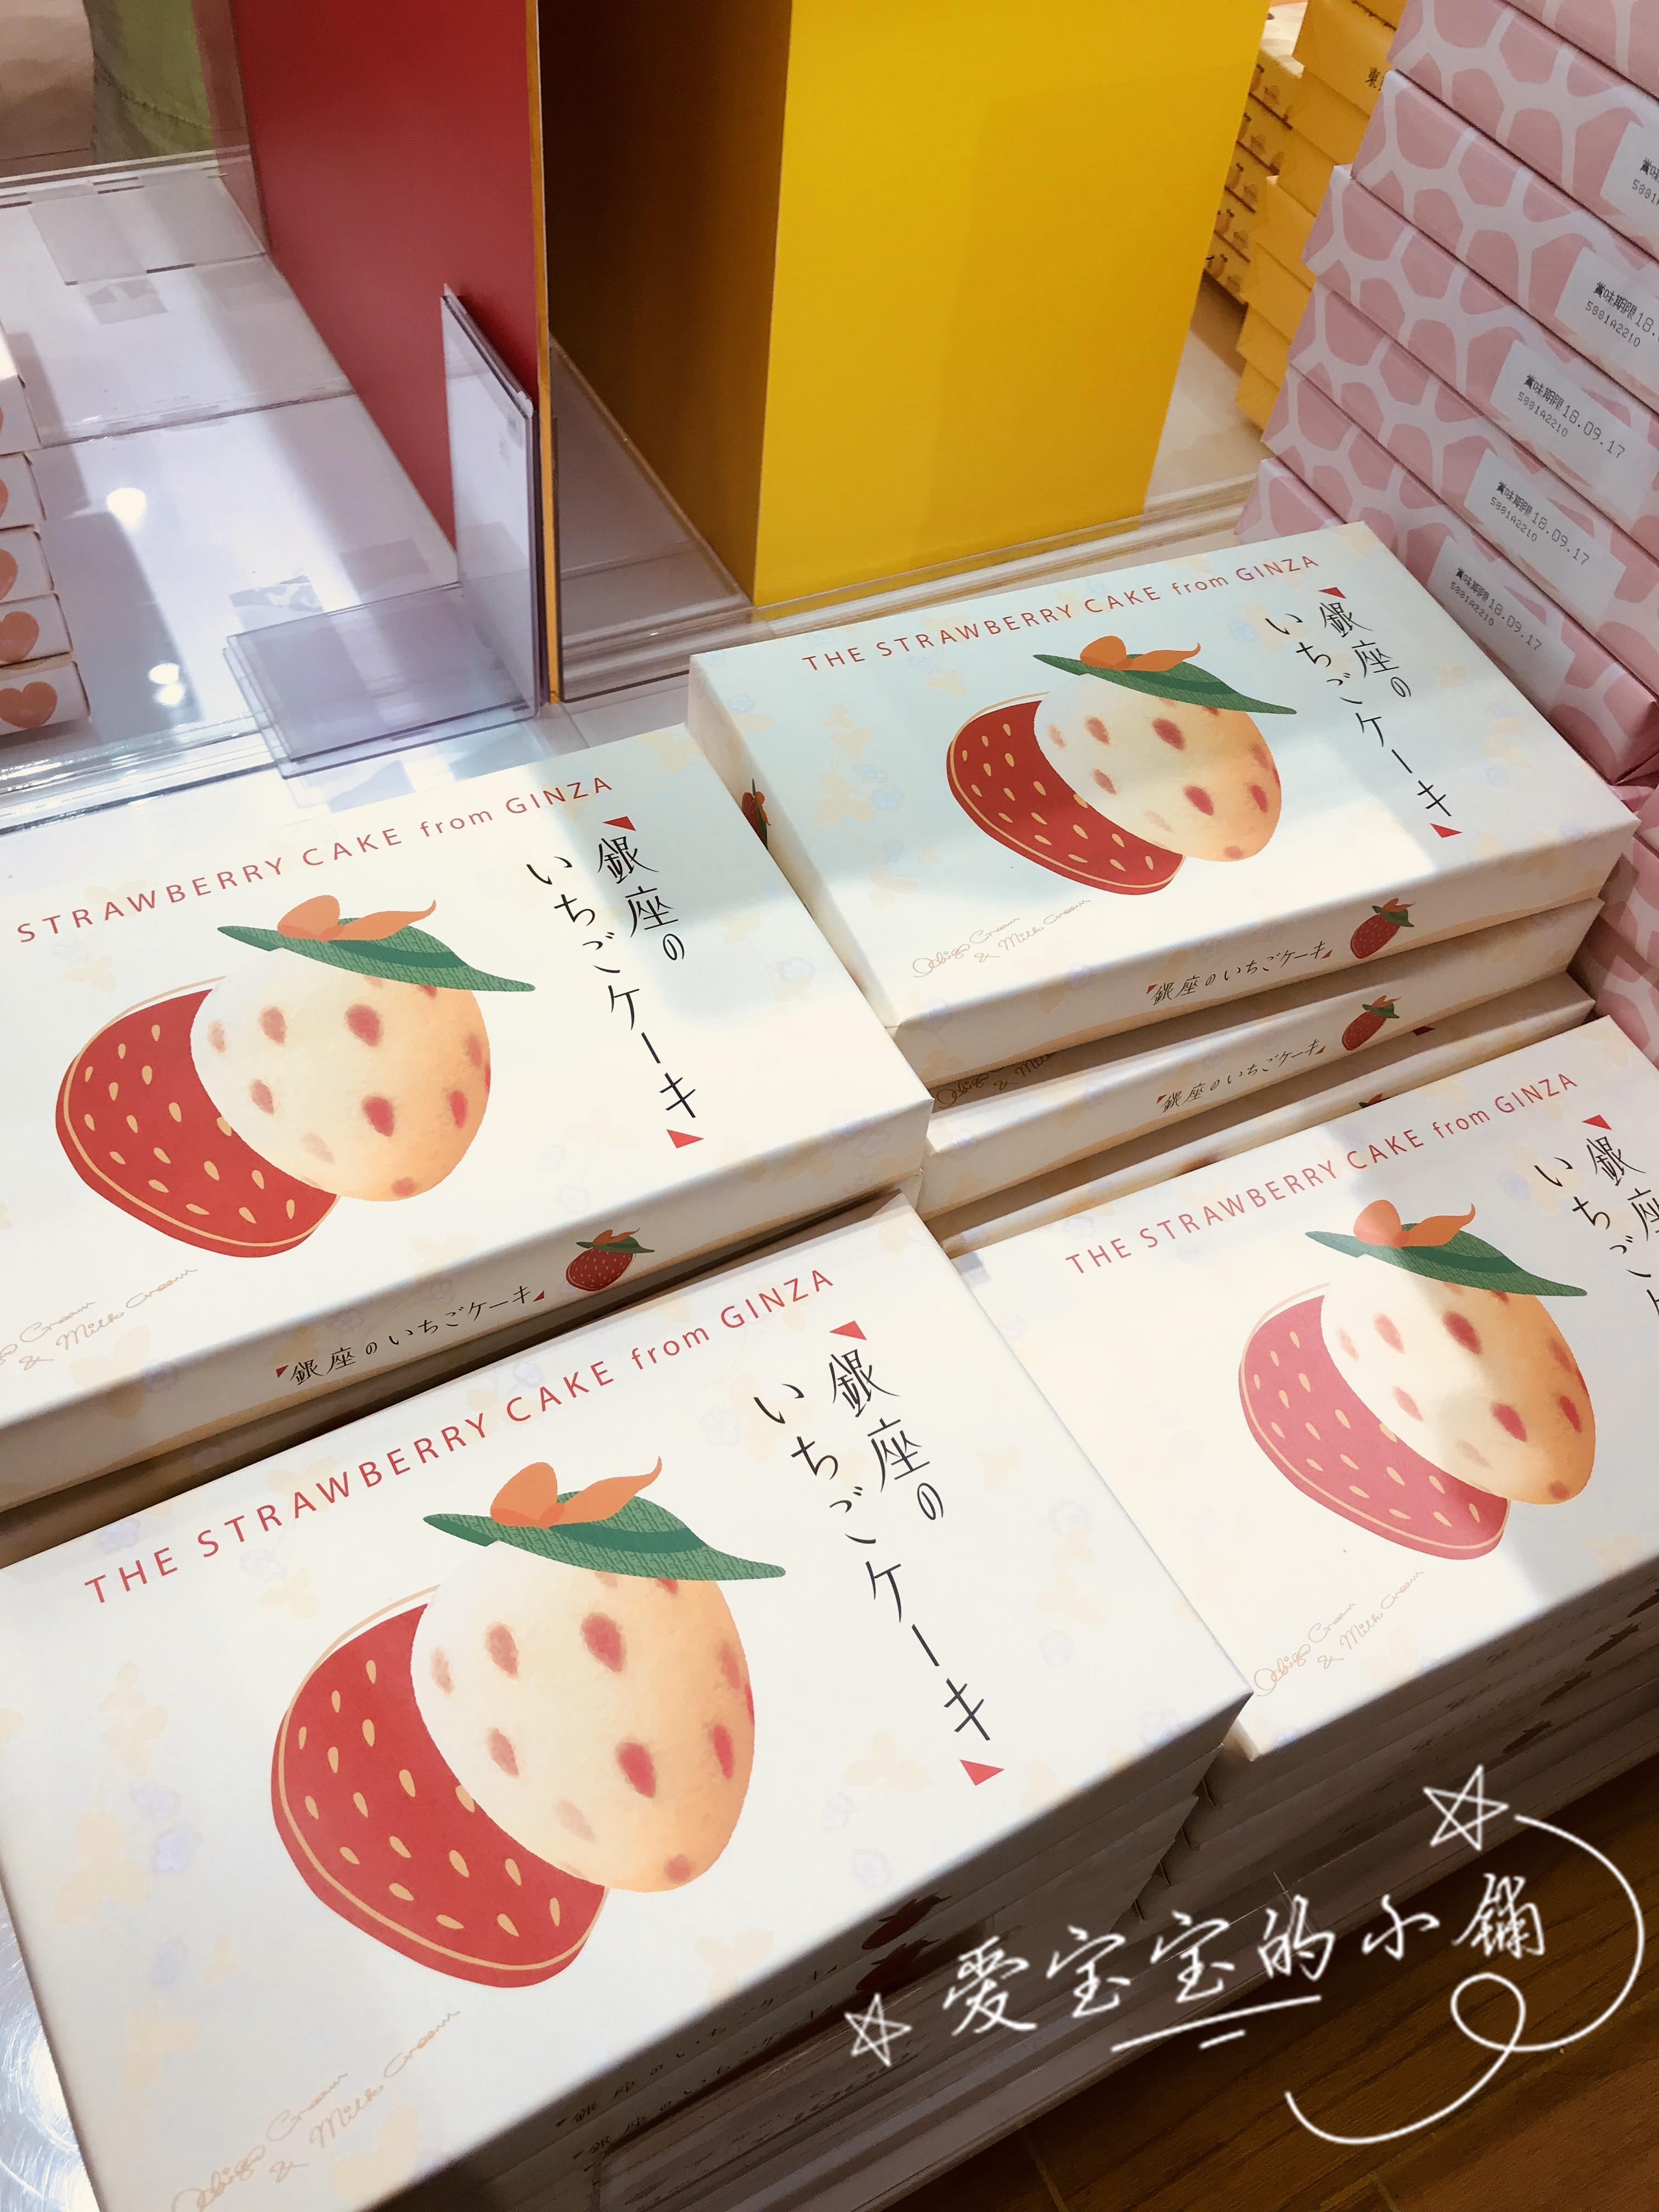 包邮 日本 TOKYO BANANA 银座香蕉草莓双心蛋糕8枚